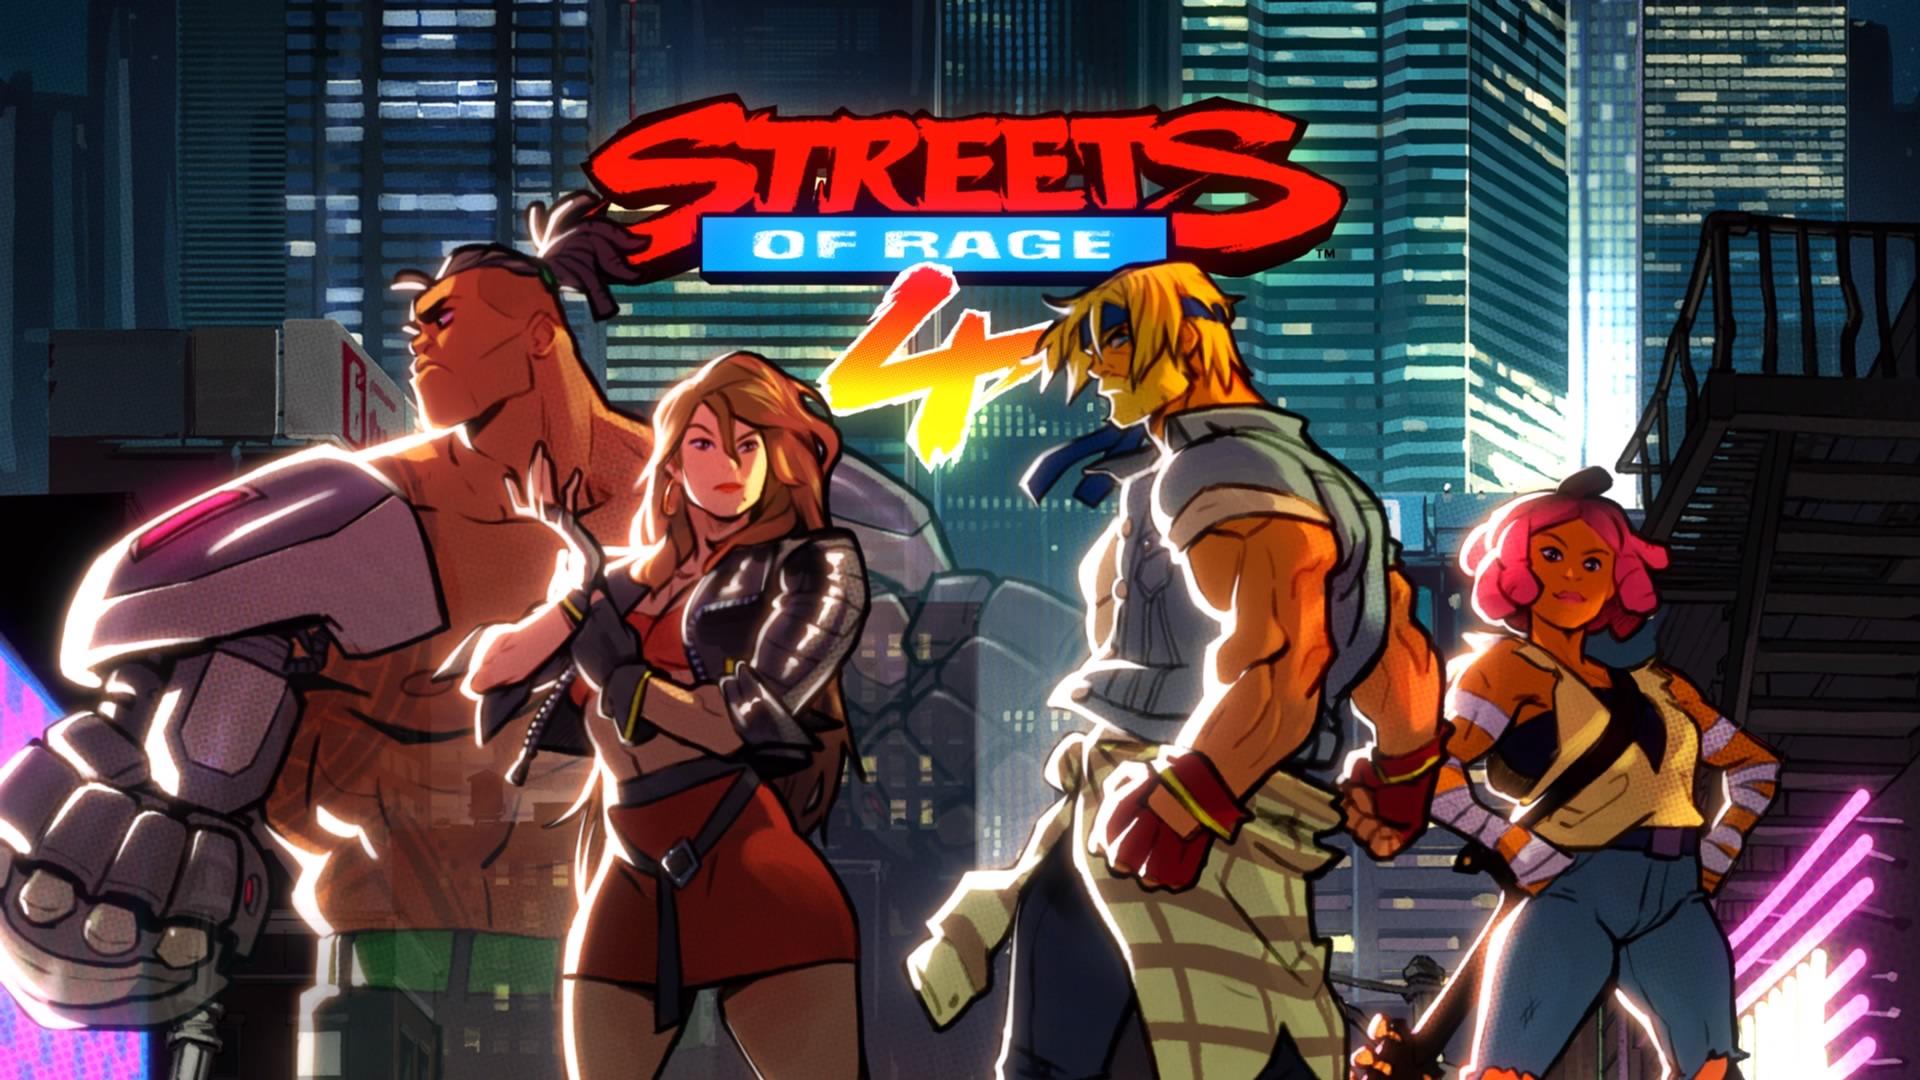 Streets of Rage 4 puhub nostalgiat nende peksmise fännide jaoks